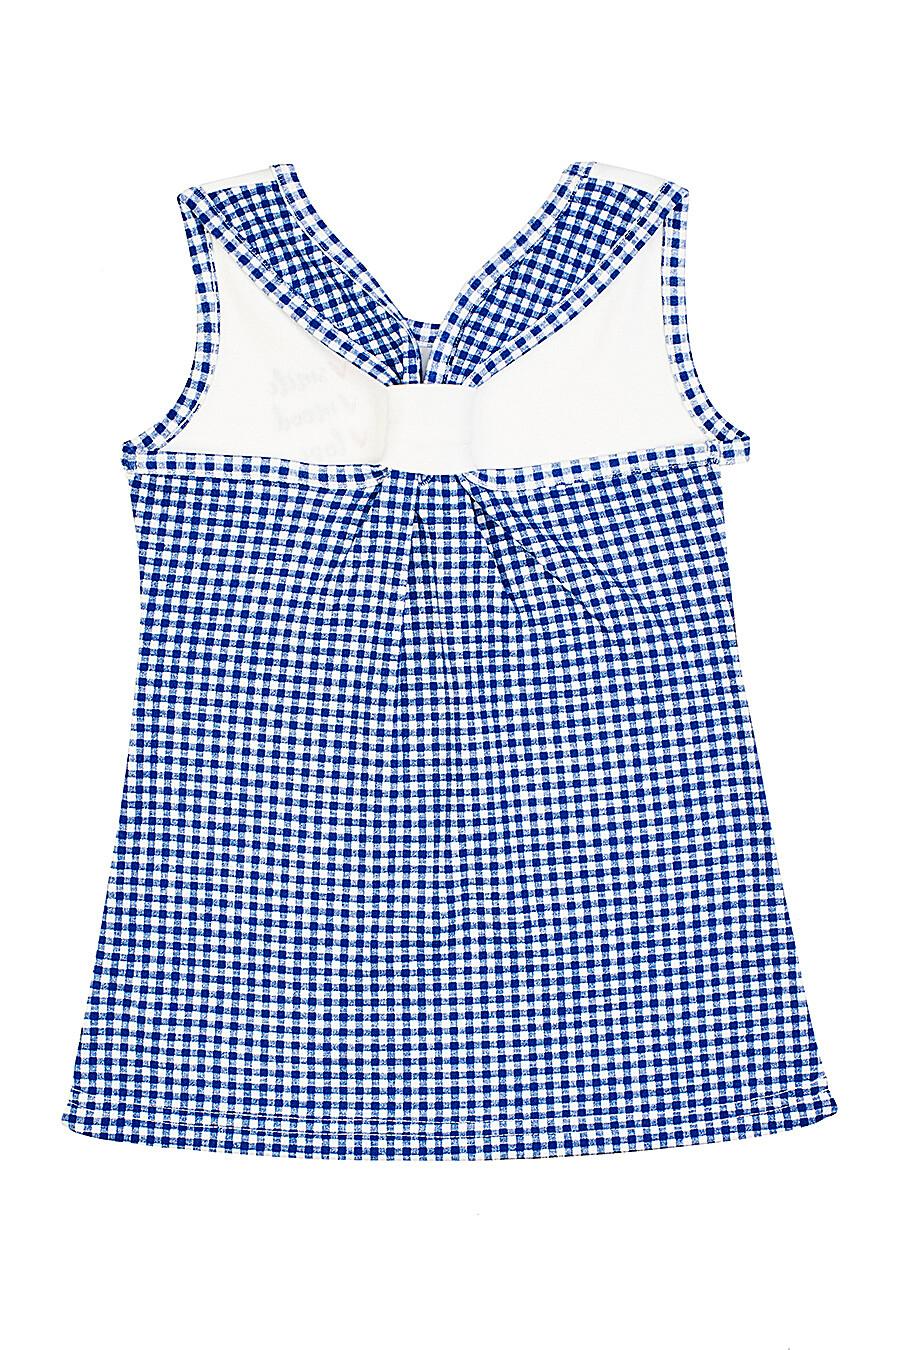 Футболка для девочек LUCKY CHILD 184448 купить оптом от производителя. Совместная покупка детской одежды в OptMoyo